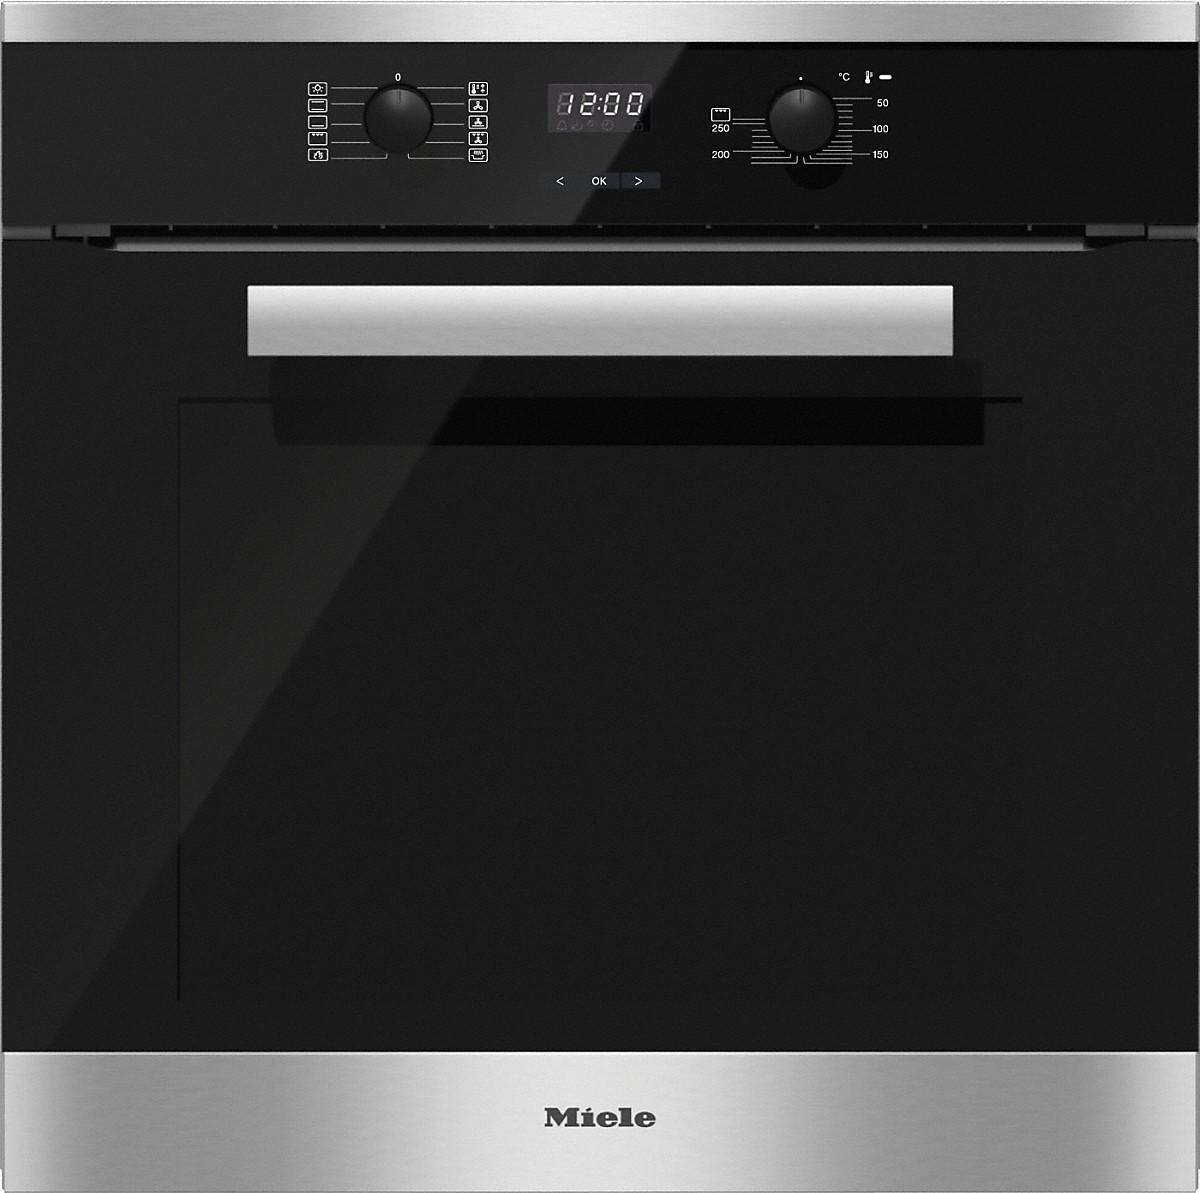 miele ovens h 2661 1 bp oven. Black Bedroom Furniture Sets. Home Design Ideas